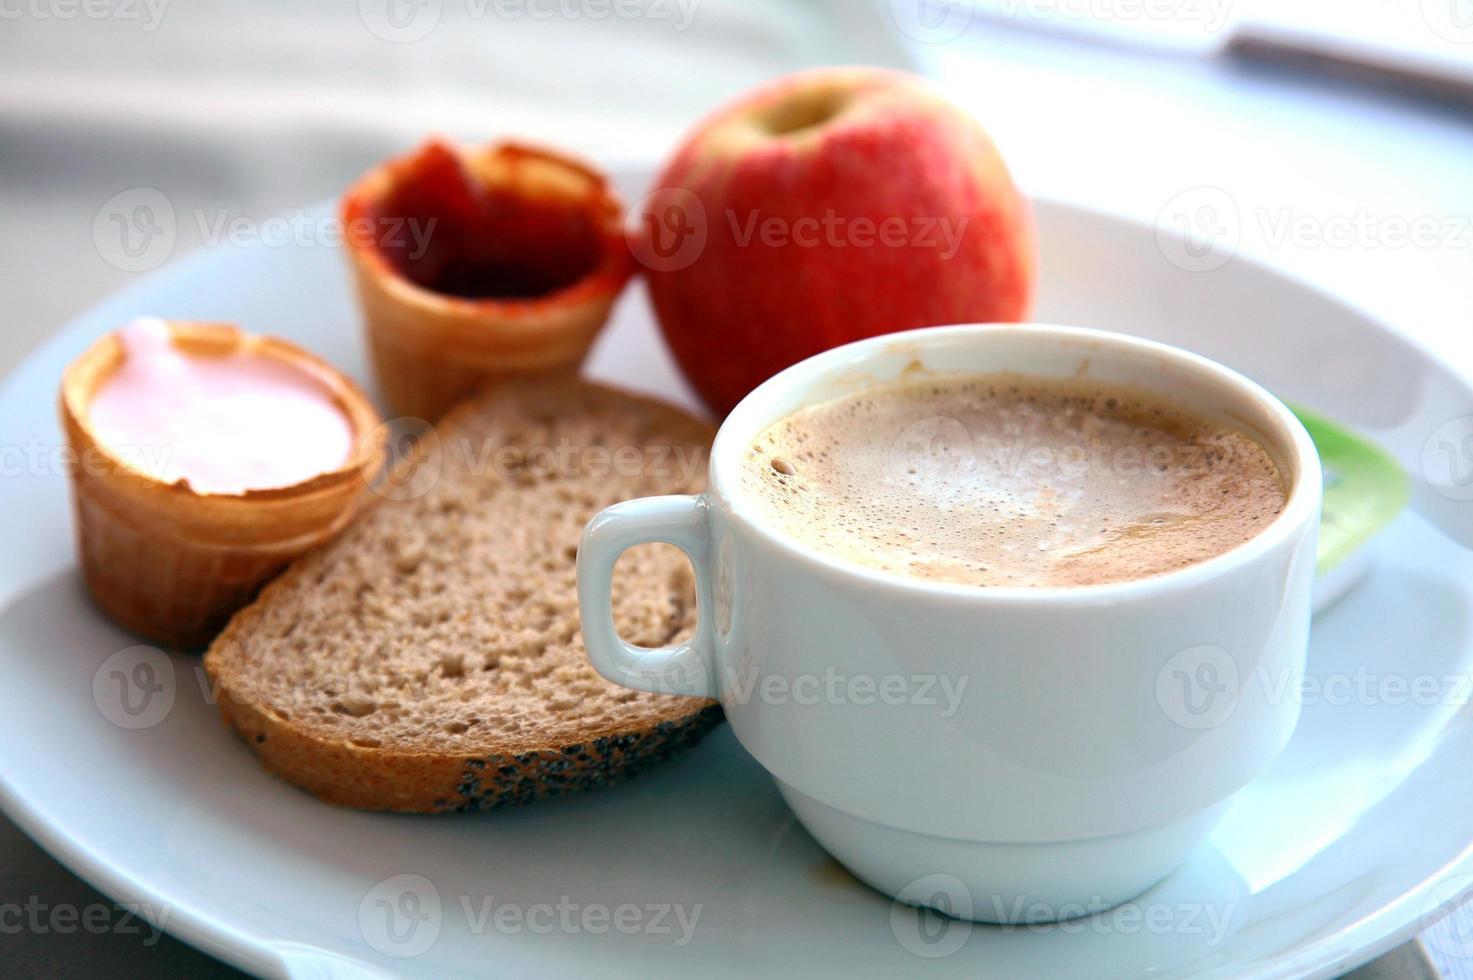 Tasse Cappuccino mit Obst, Joghurt und Brot foto